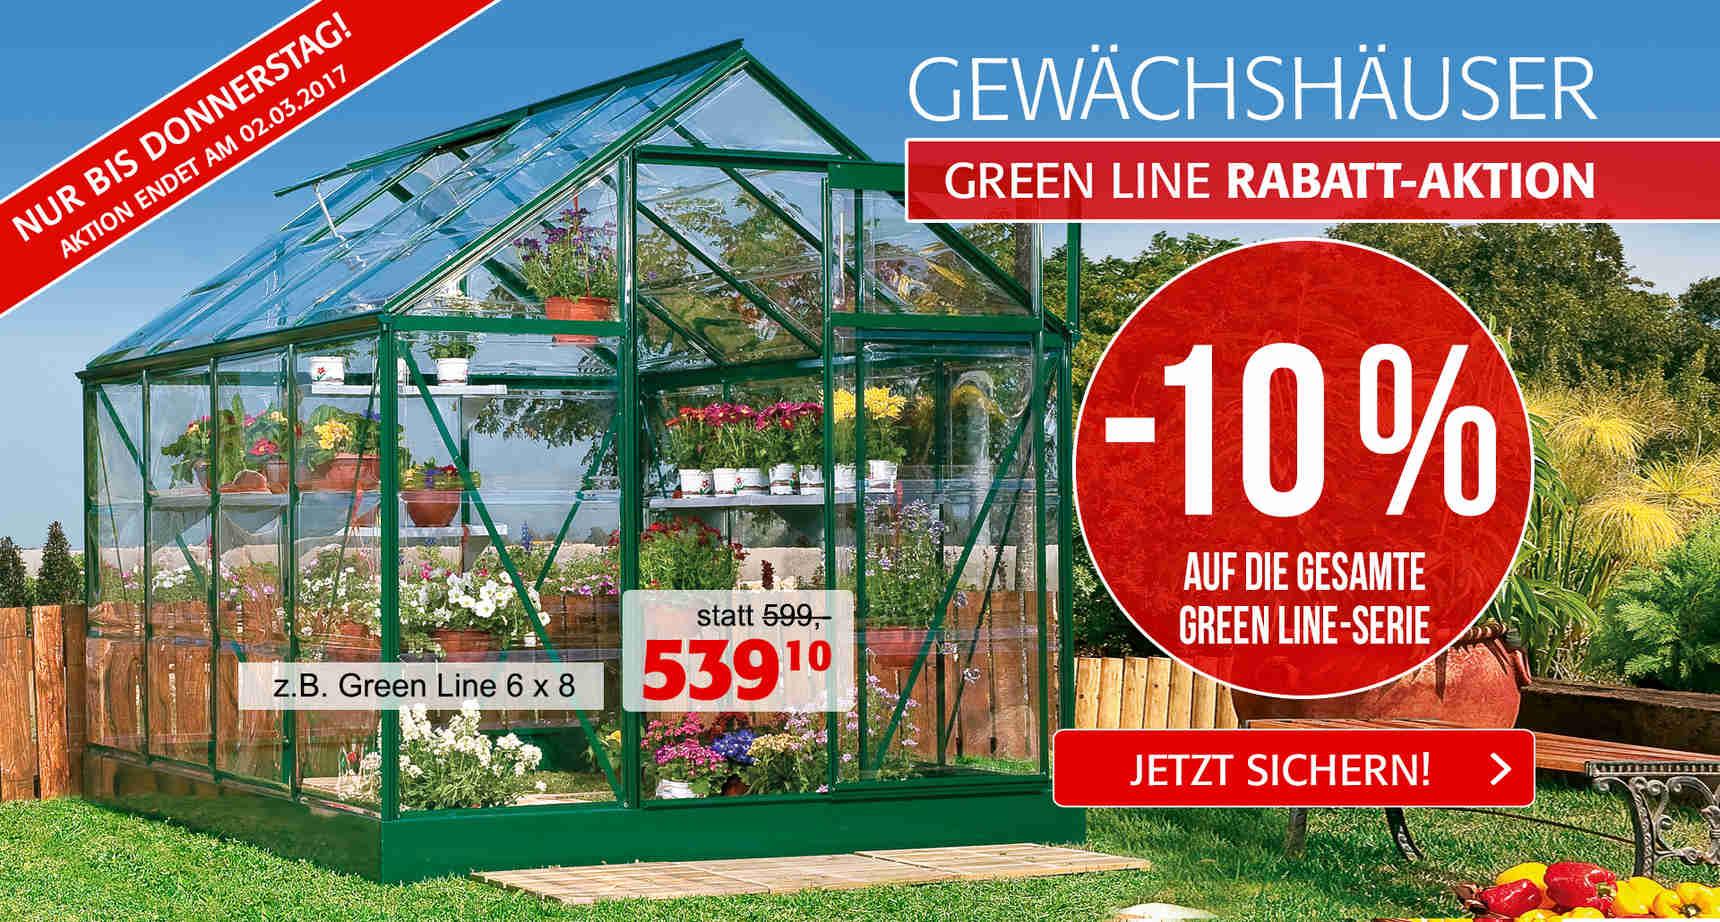 +++ (1) Gewächshaus-Aktion +++ - 3